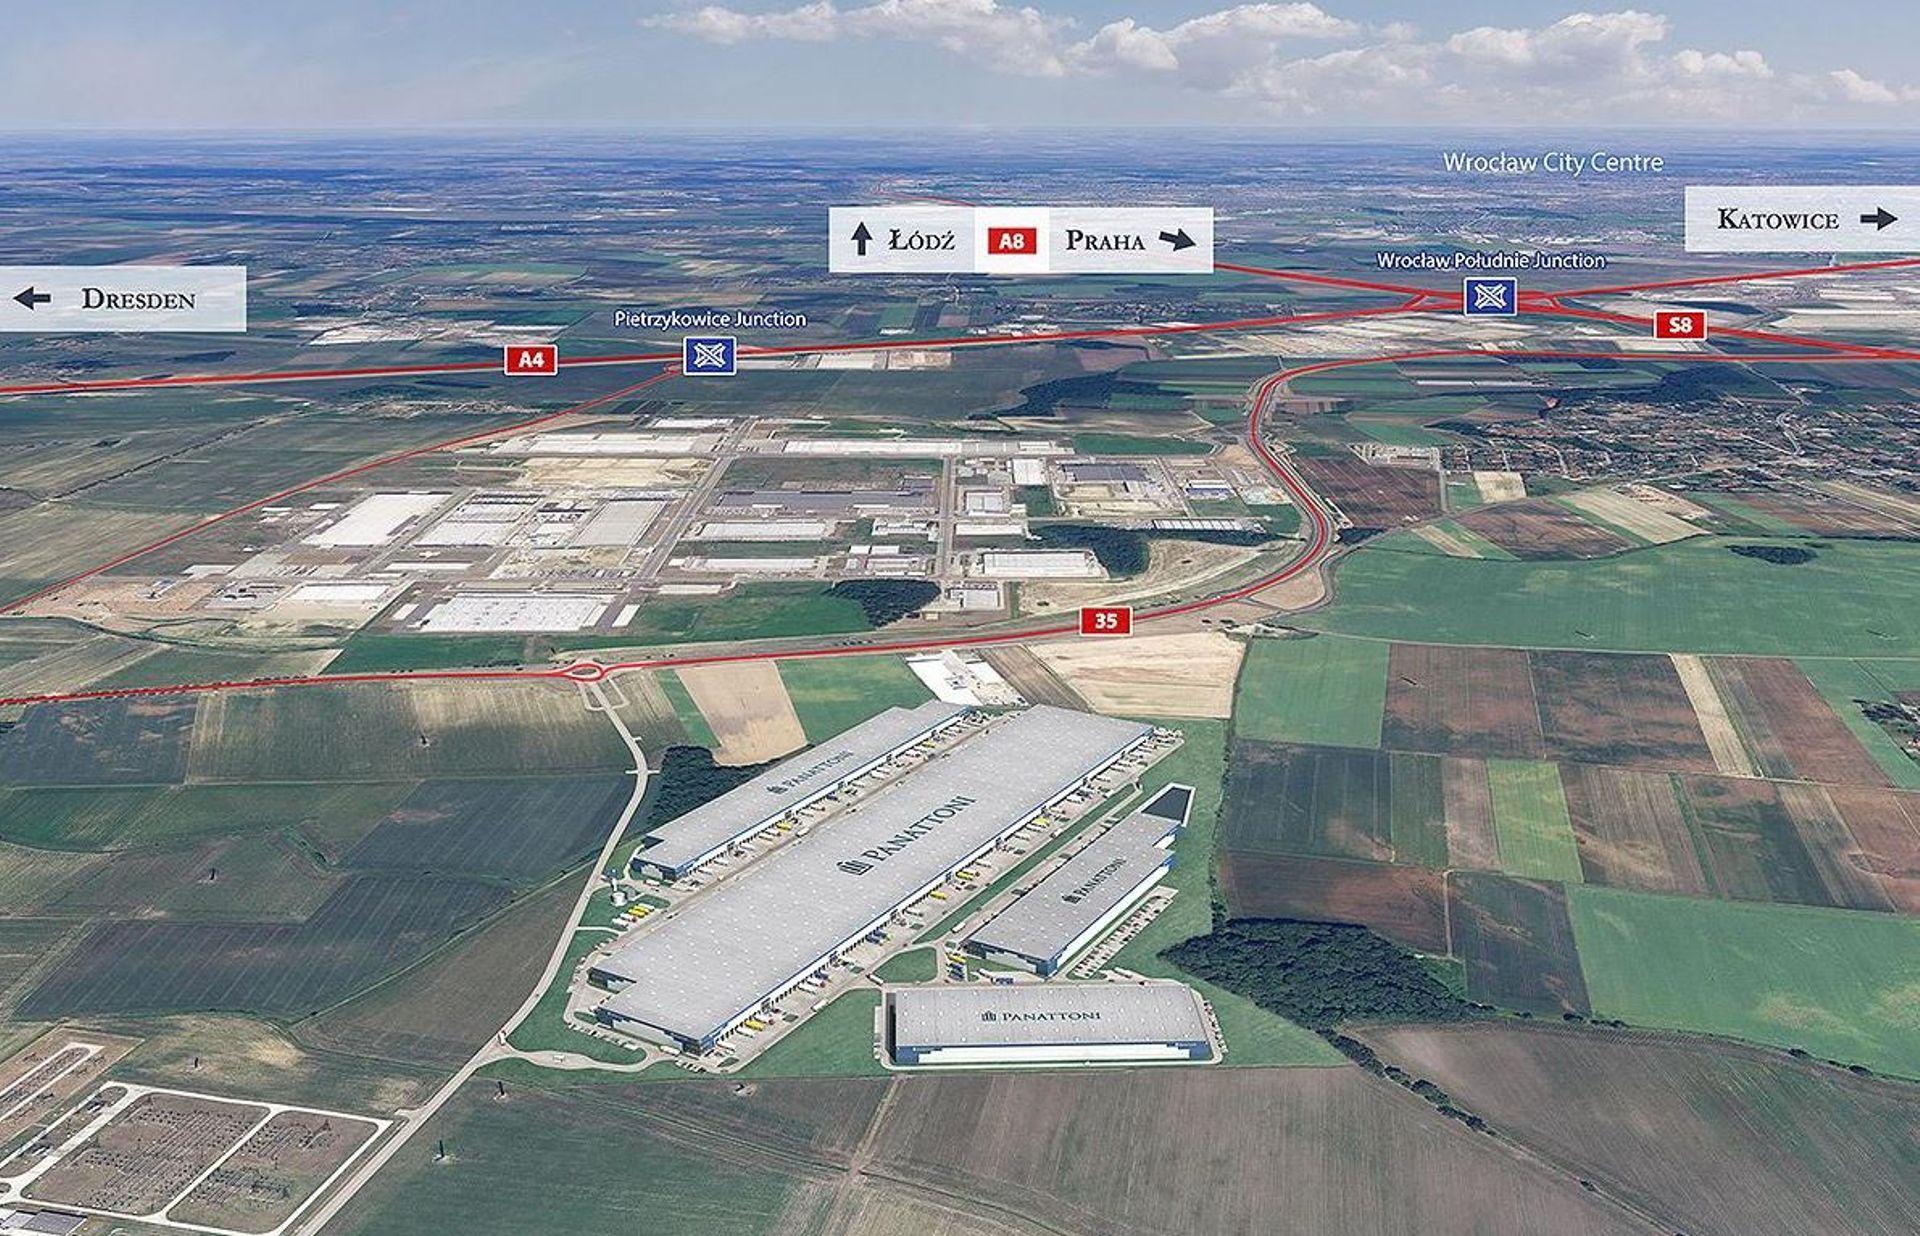 Nowa, wielka inwestycja Panattoni w okolicach Wrocławia [WIZUALIZACJA]